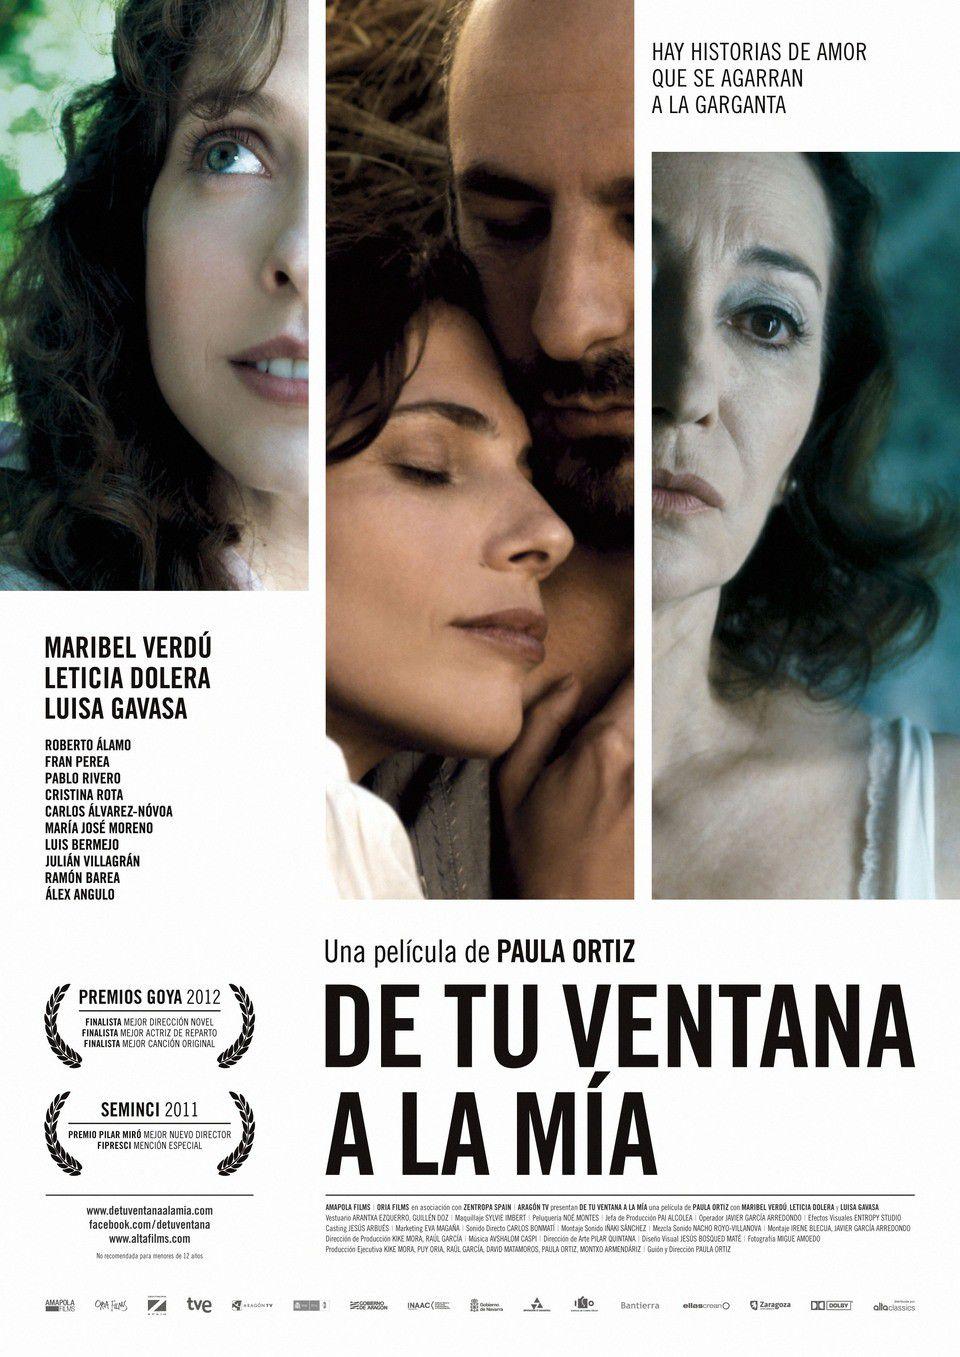 De tu ventana a la mía - Film (2012)